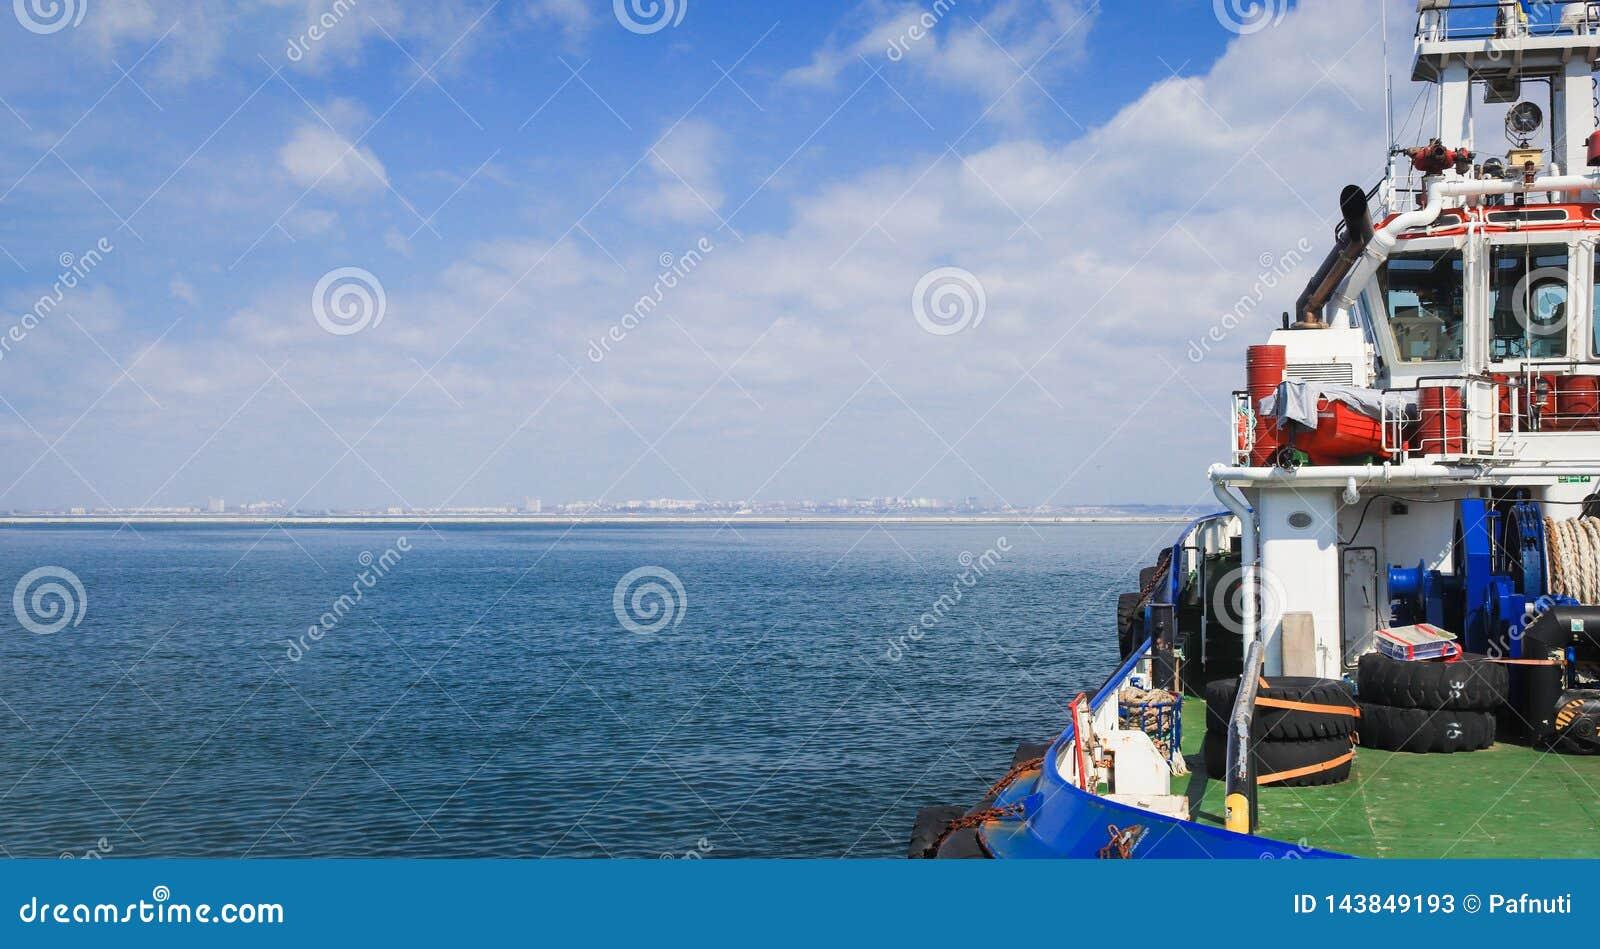 Nahaufnahme eines Versorgungsschiffes, das Fracht transportiert